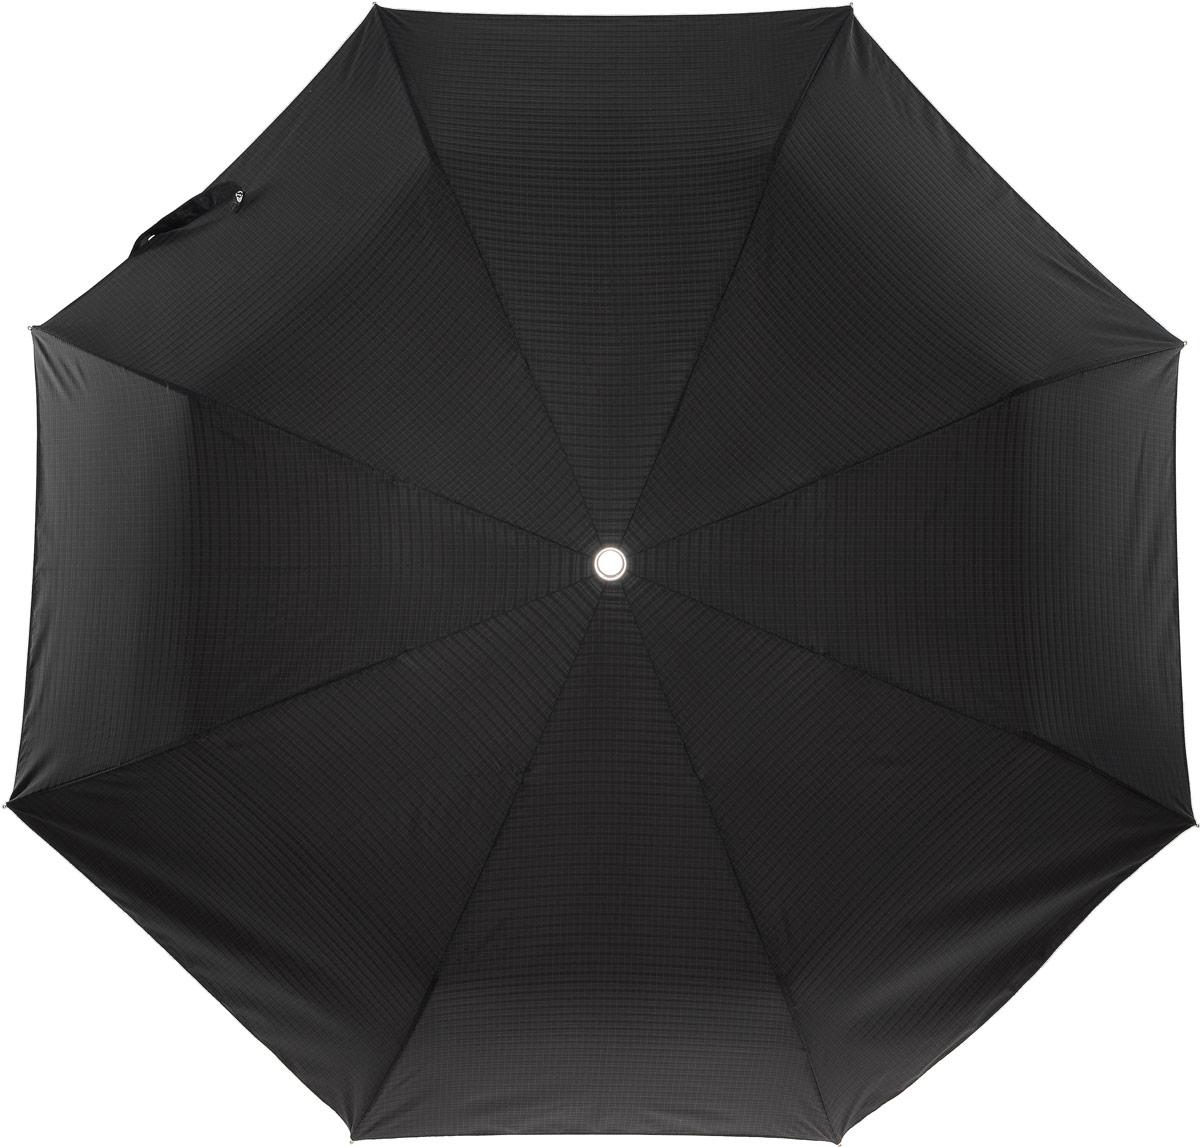 Зонт Slava Zaitsev, цвет: черный. SZ-042/1 midiBКолье (короткие одноярусные бусы)Зонт усиленной конструкции с увеличенным куполом. Механизм 3 сложения, полный автомат, стальная усиленная конструкция (вес - 480 гр), система антиветер. Диаметр купола - 120 см по верхней части, 105 см по нижней. Длина в сложенном состоянии - 30 см.